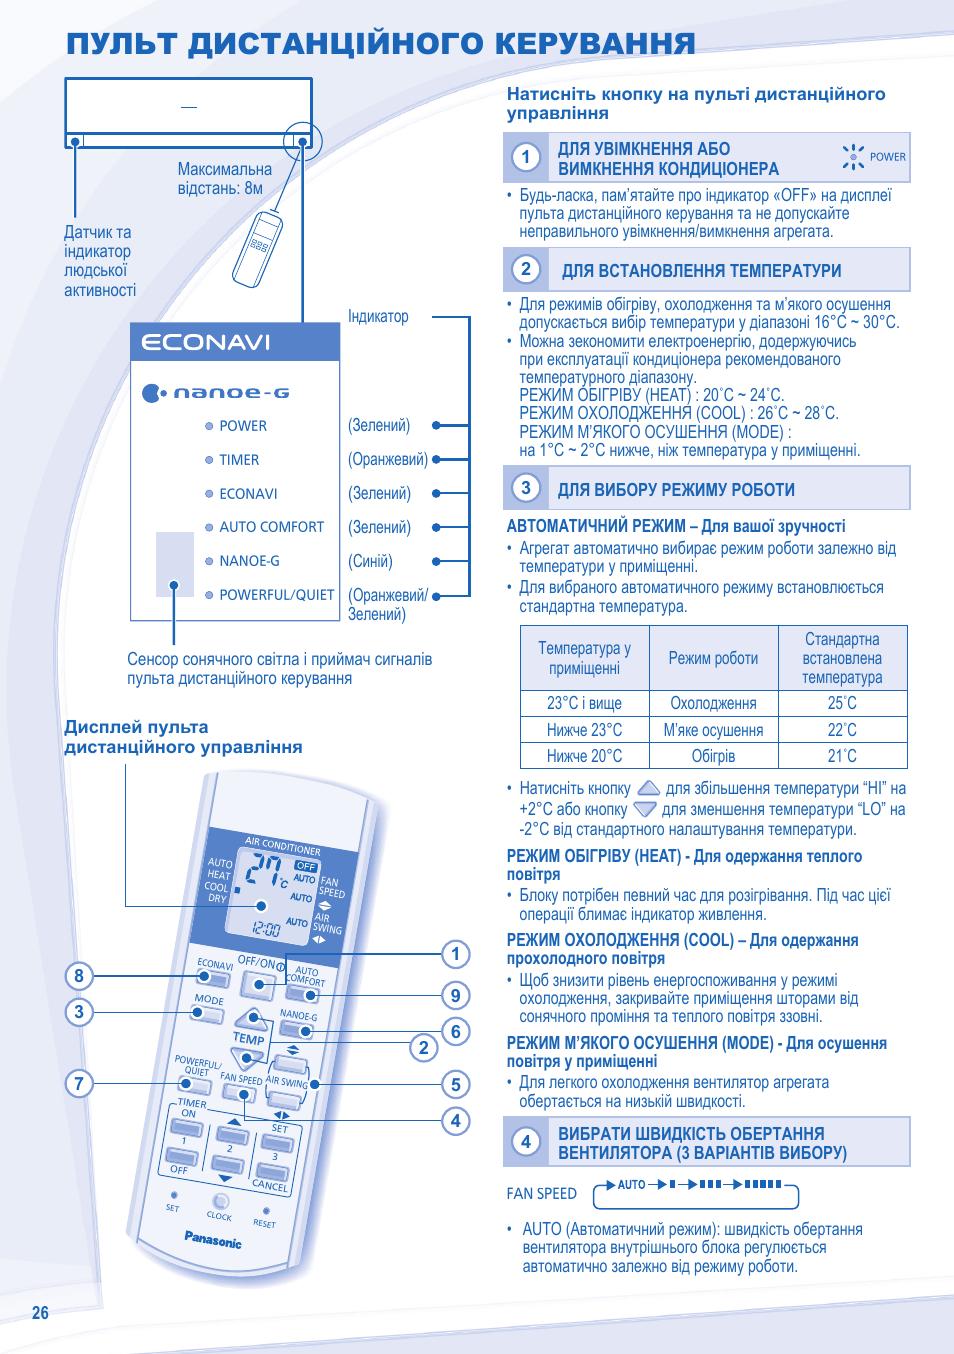 кондиционер inverter инструкция к пульту